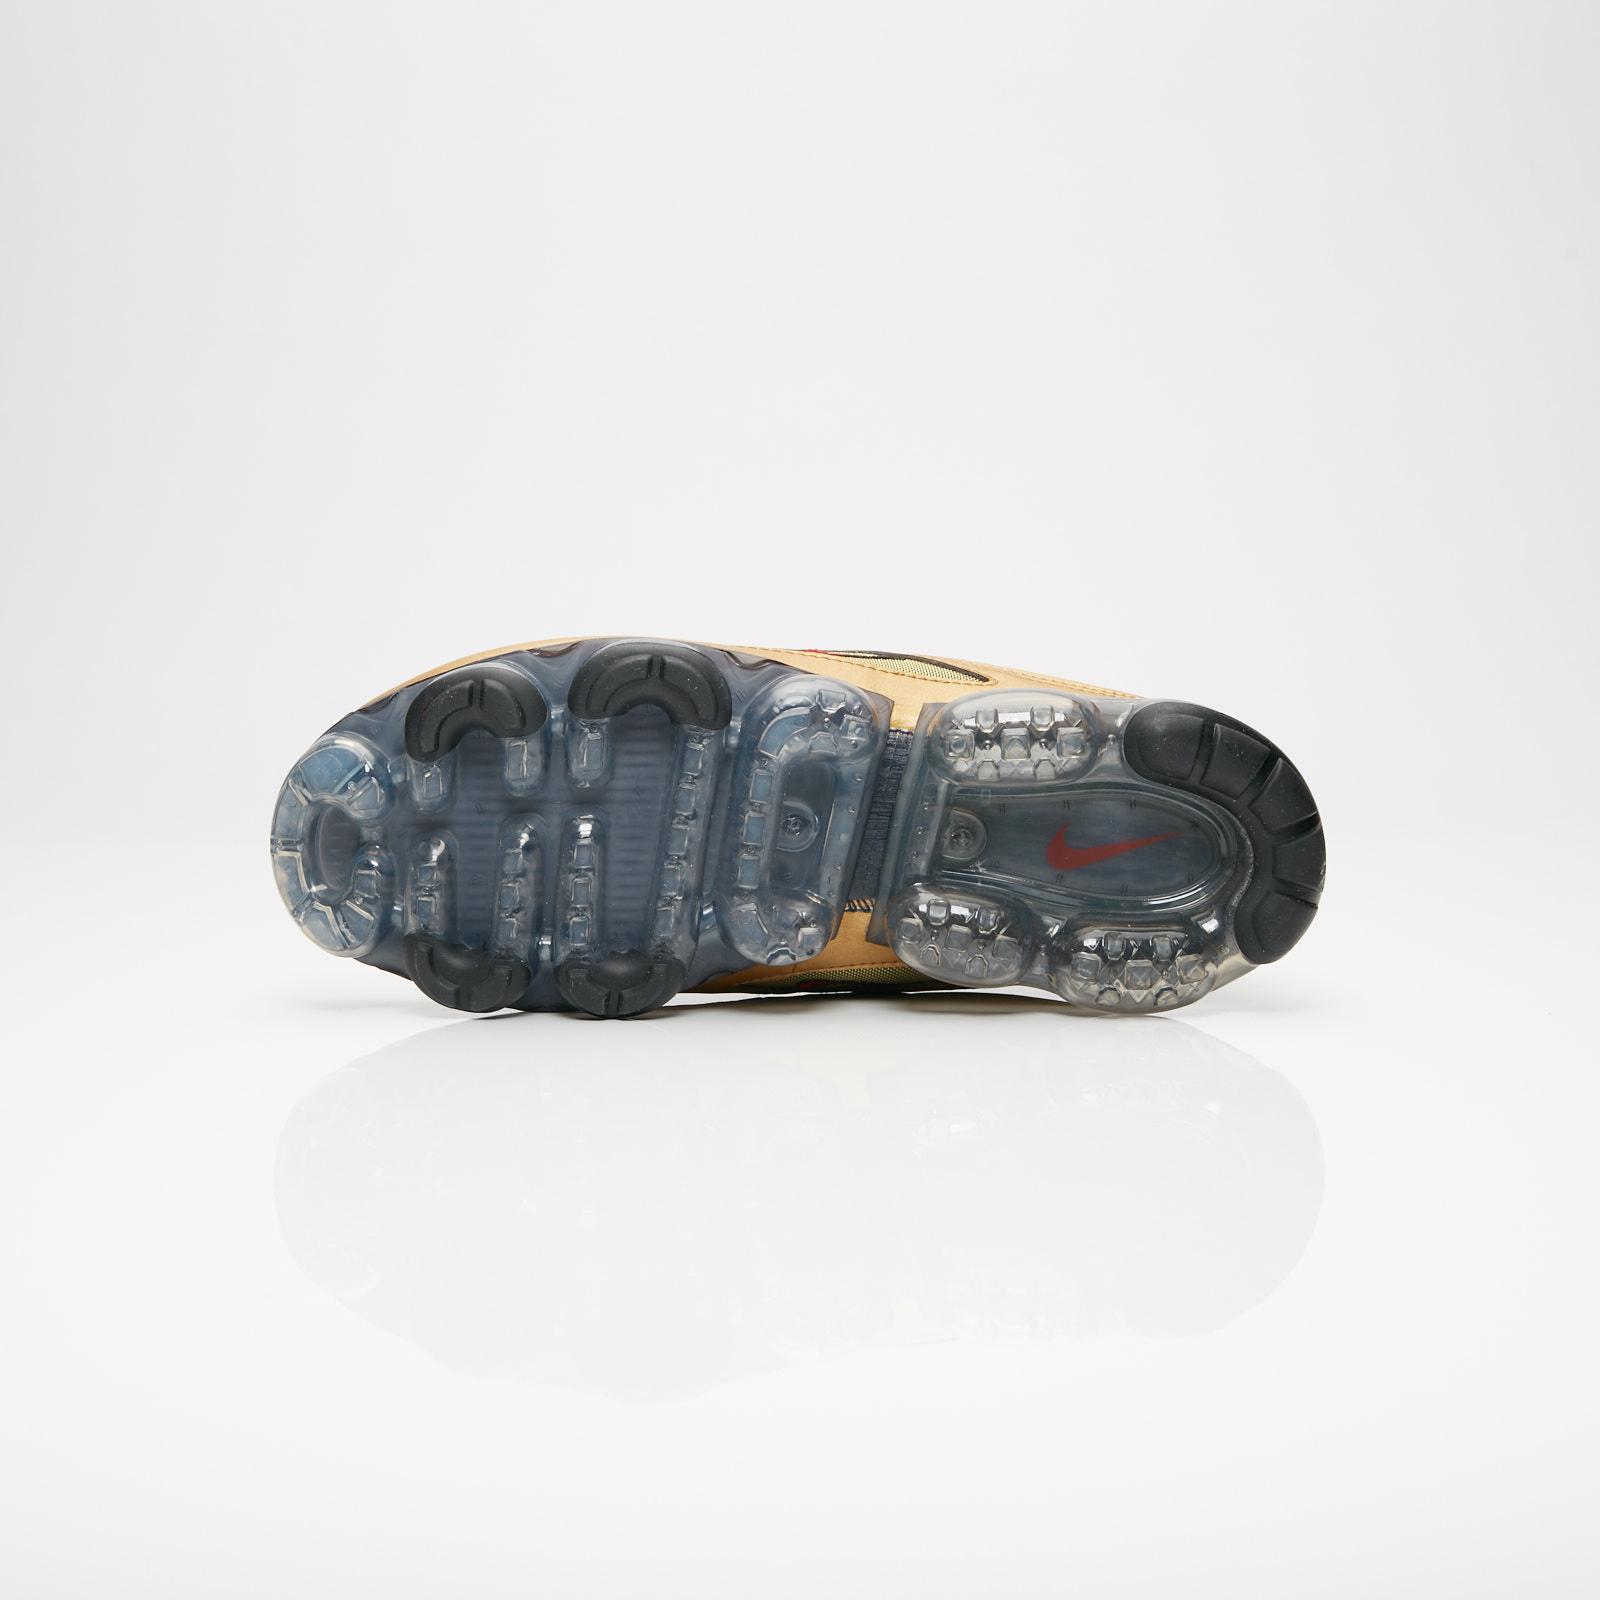 ddf22145d07ec Nike Air VaporMax 97 - Aj7291-700 - Sneakersnstuff